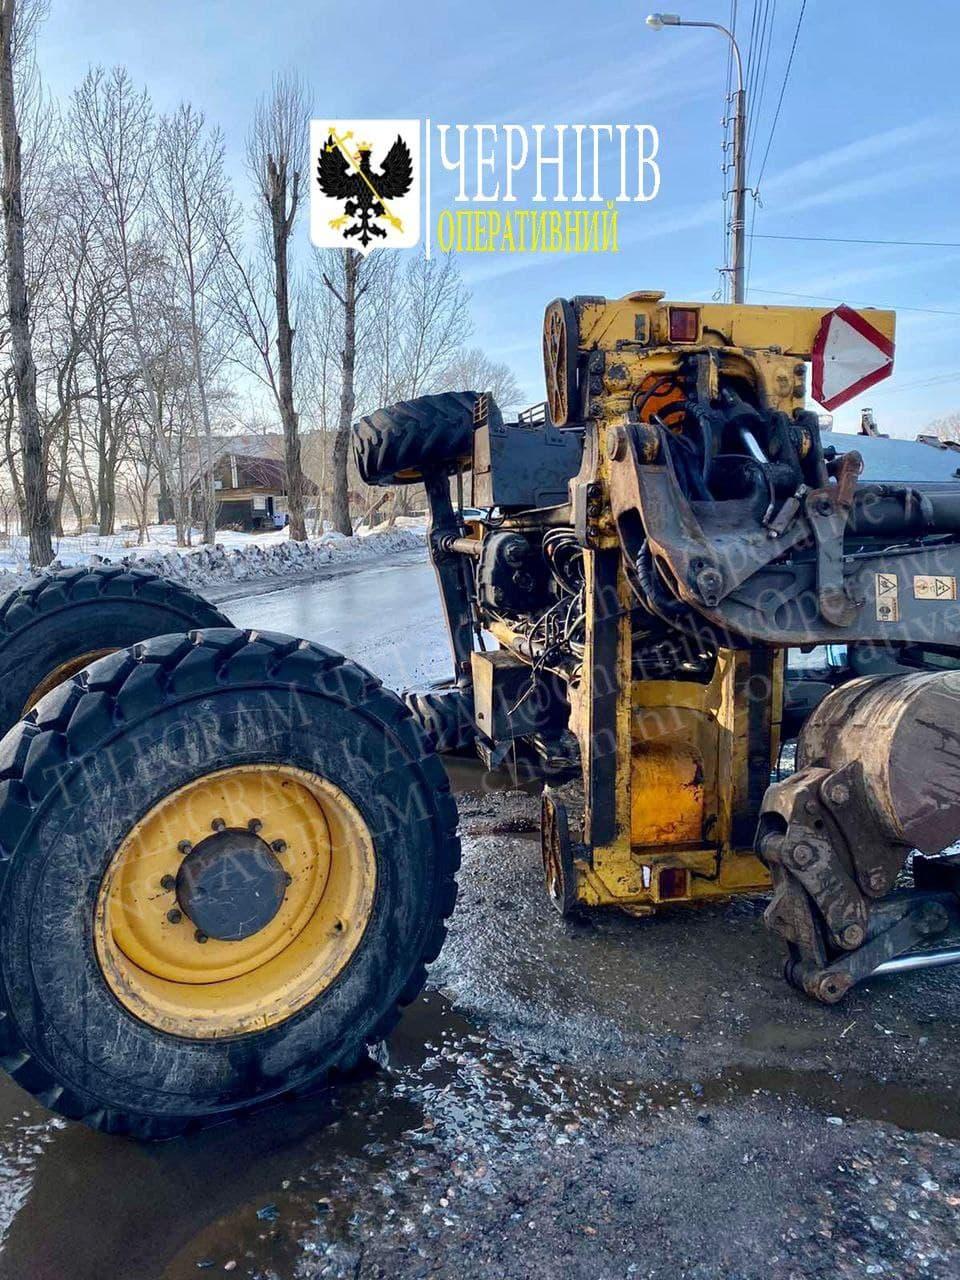 На Любецькій у Чернігові перевернувся екскаватор (Фотофакт)